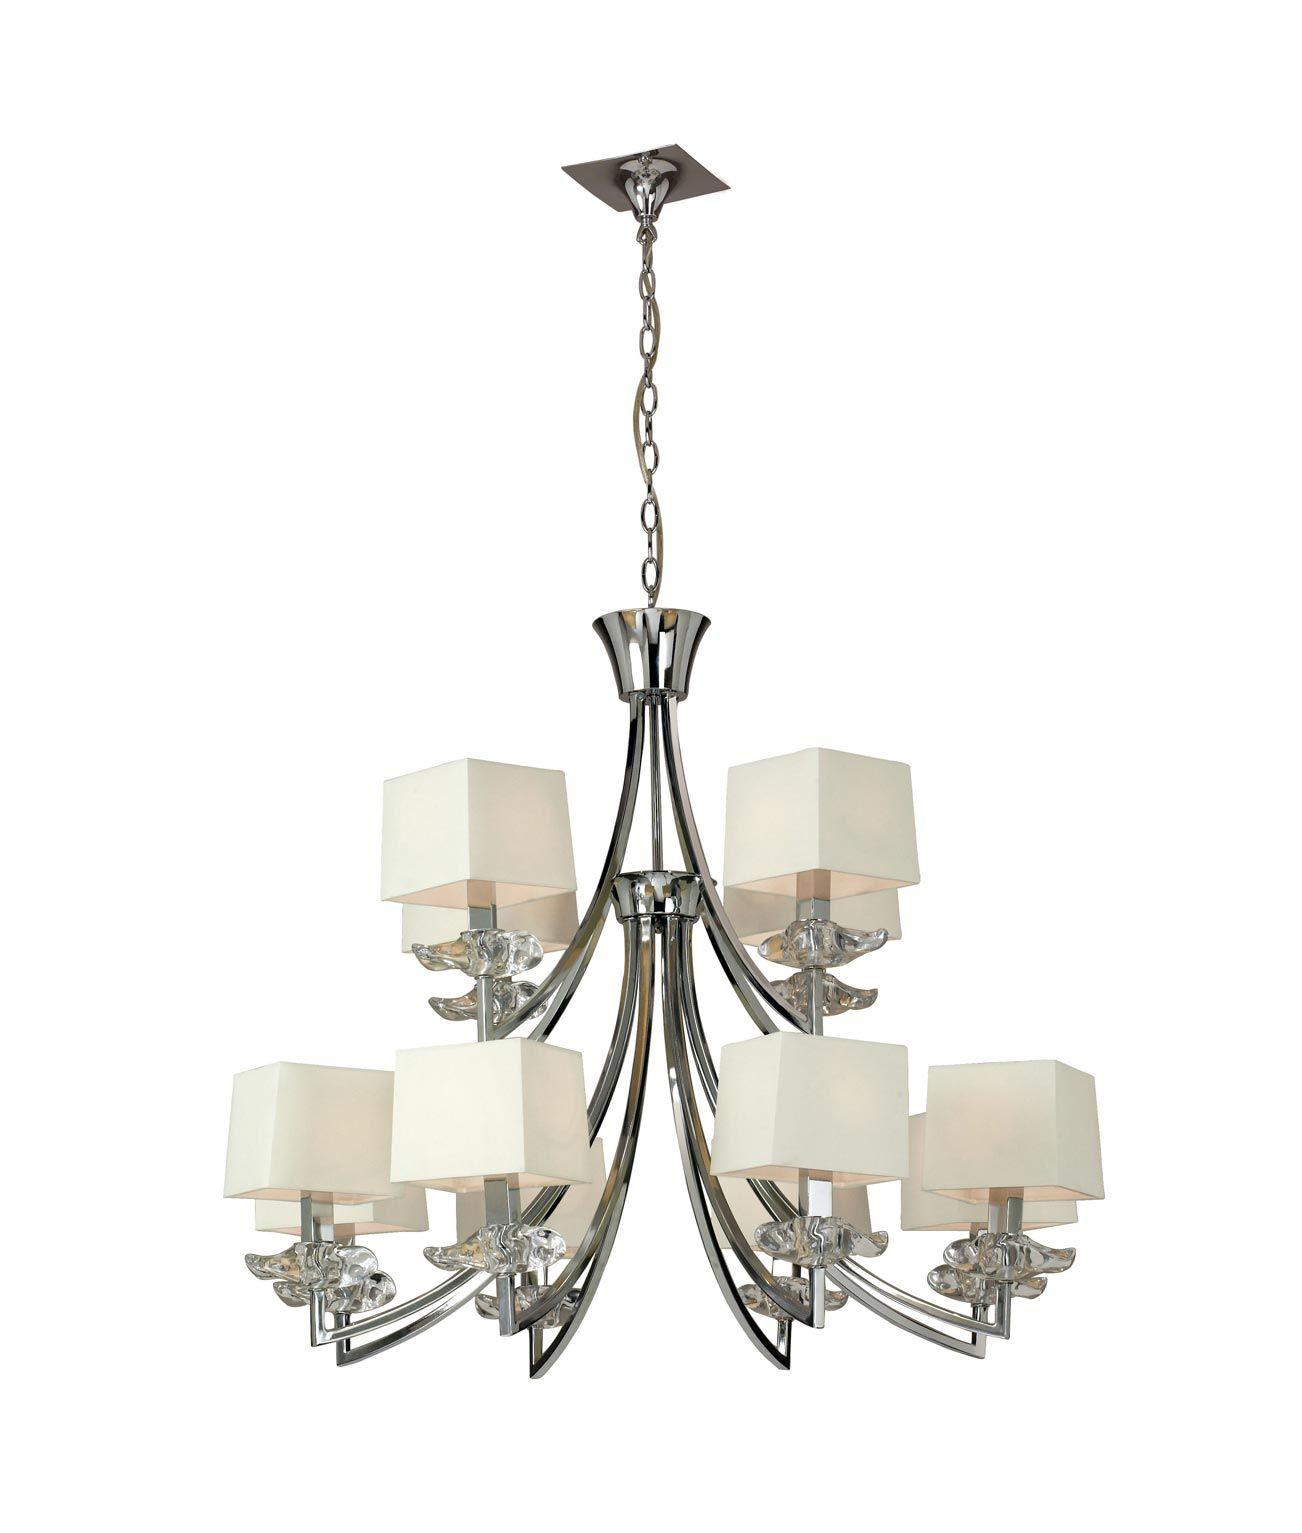 Lámpara techo crema cromo 12 luces AKIRA